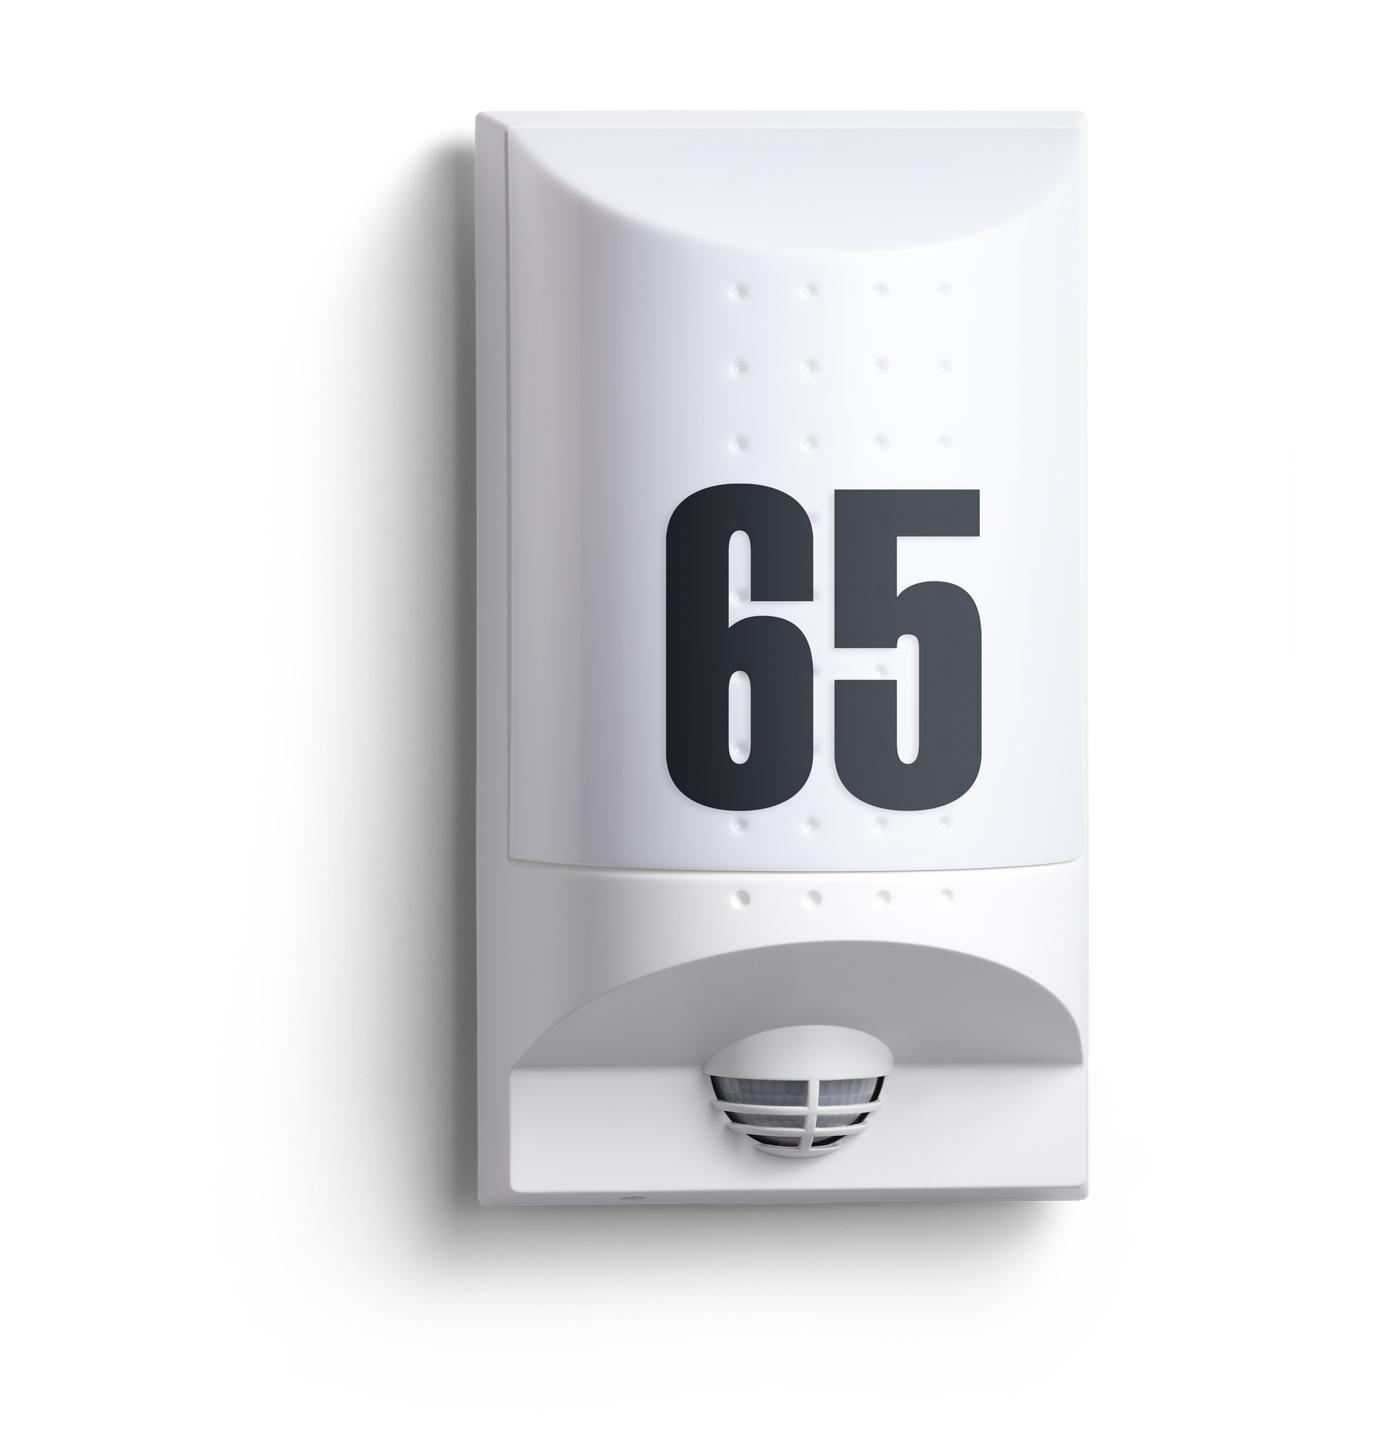 steinel sensorleuchte l 650 led wei 004033 fh. Black Bedroom Furniture Sets. Home Design Ideas